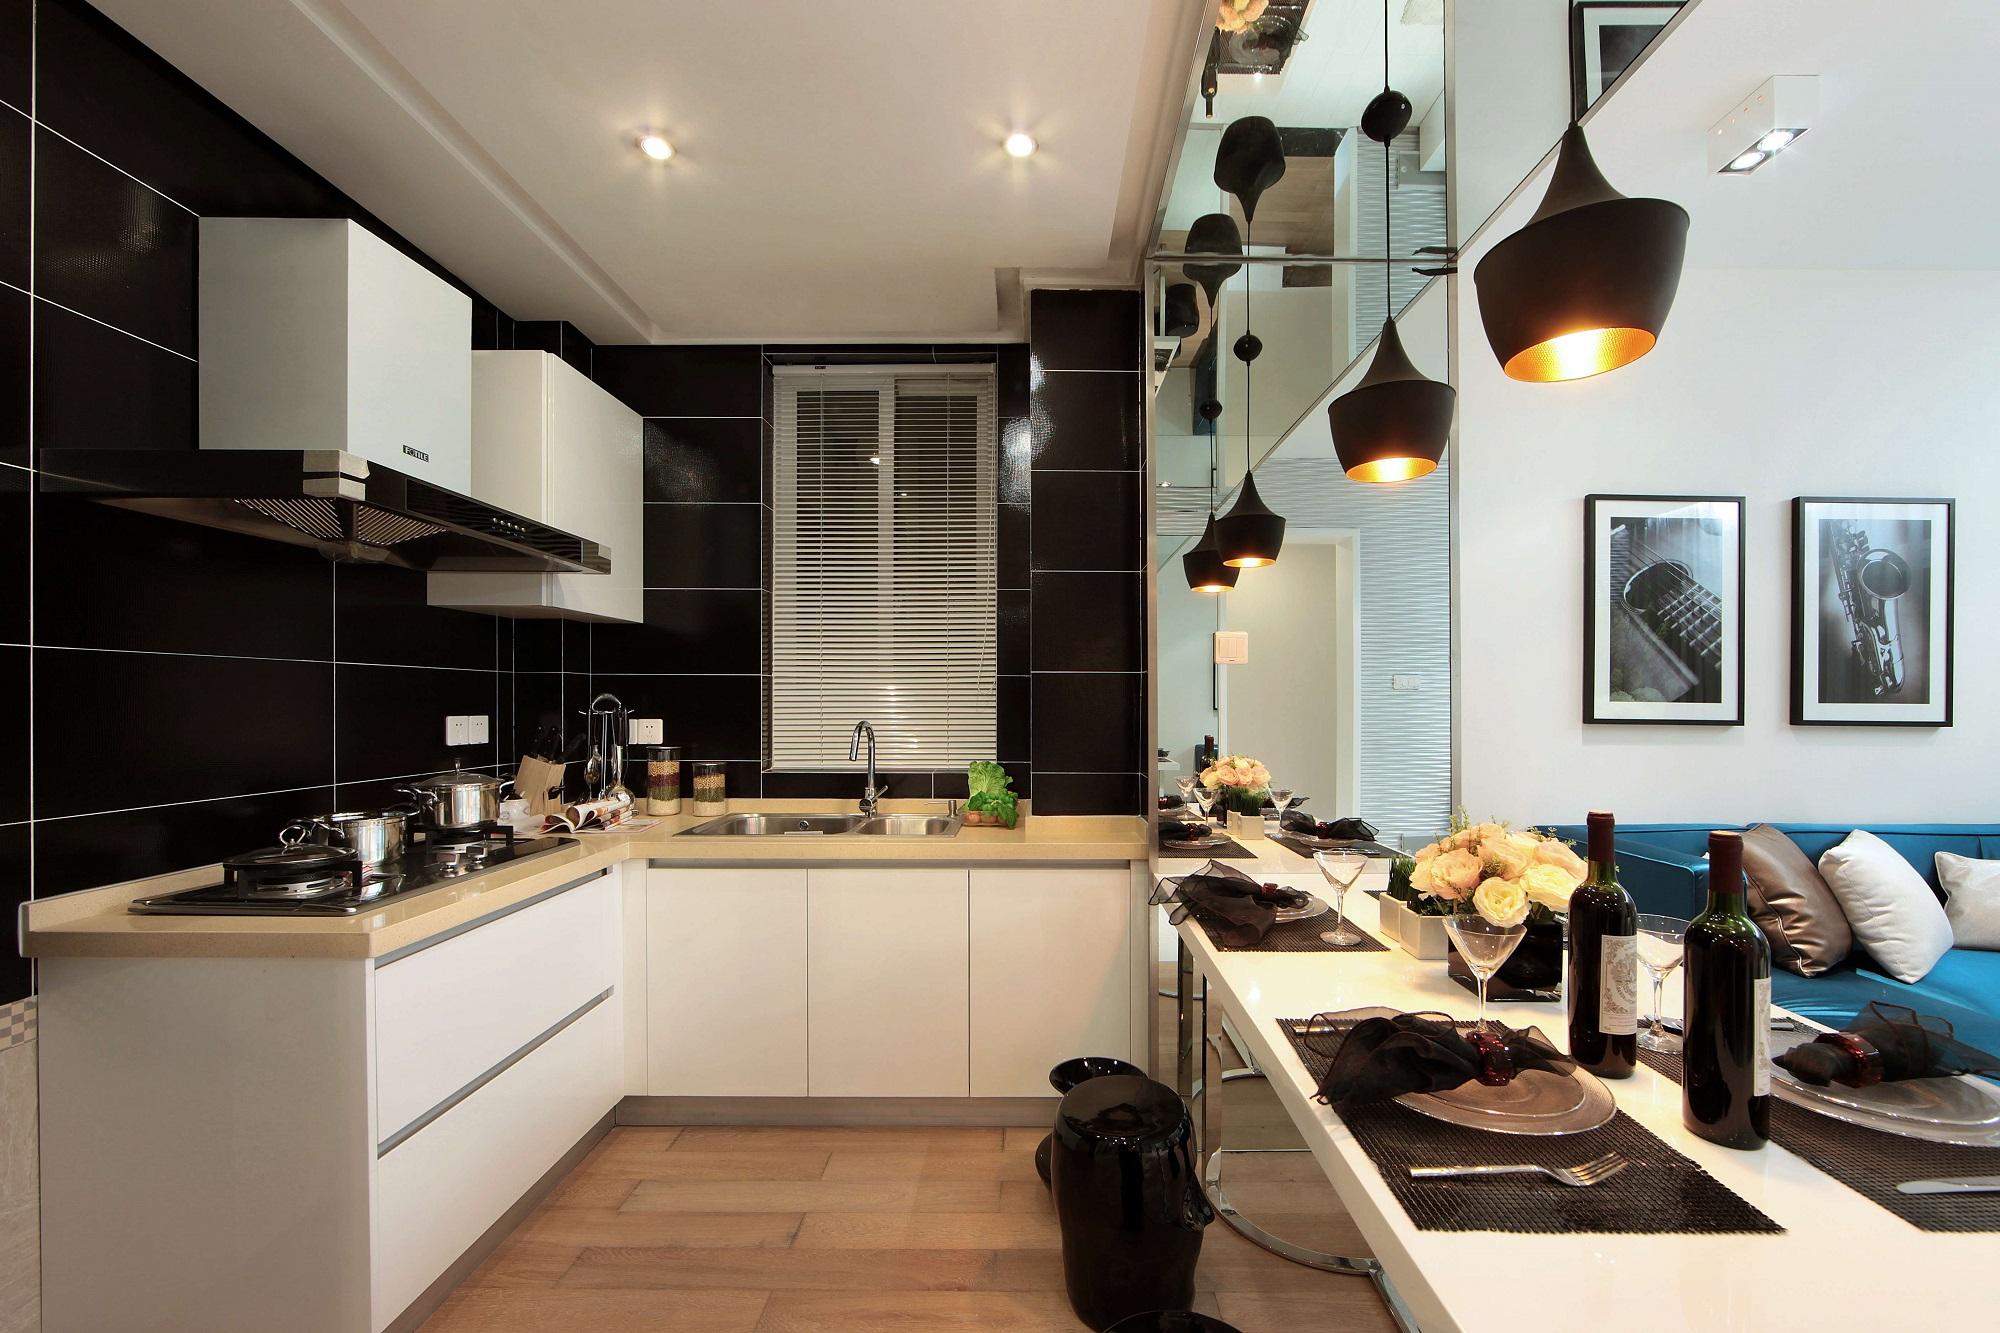 开放式厨房更适合小户型,自由且灵活,白色橱柜更加亮眼。